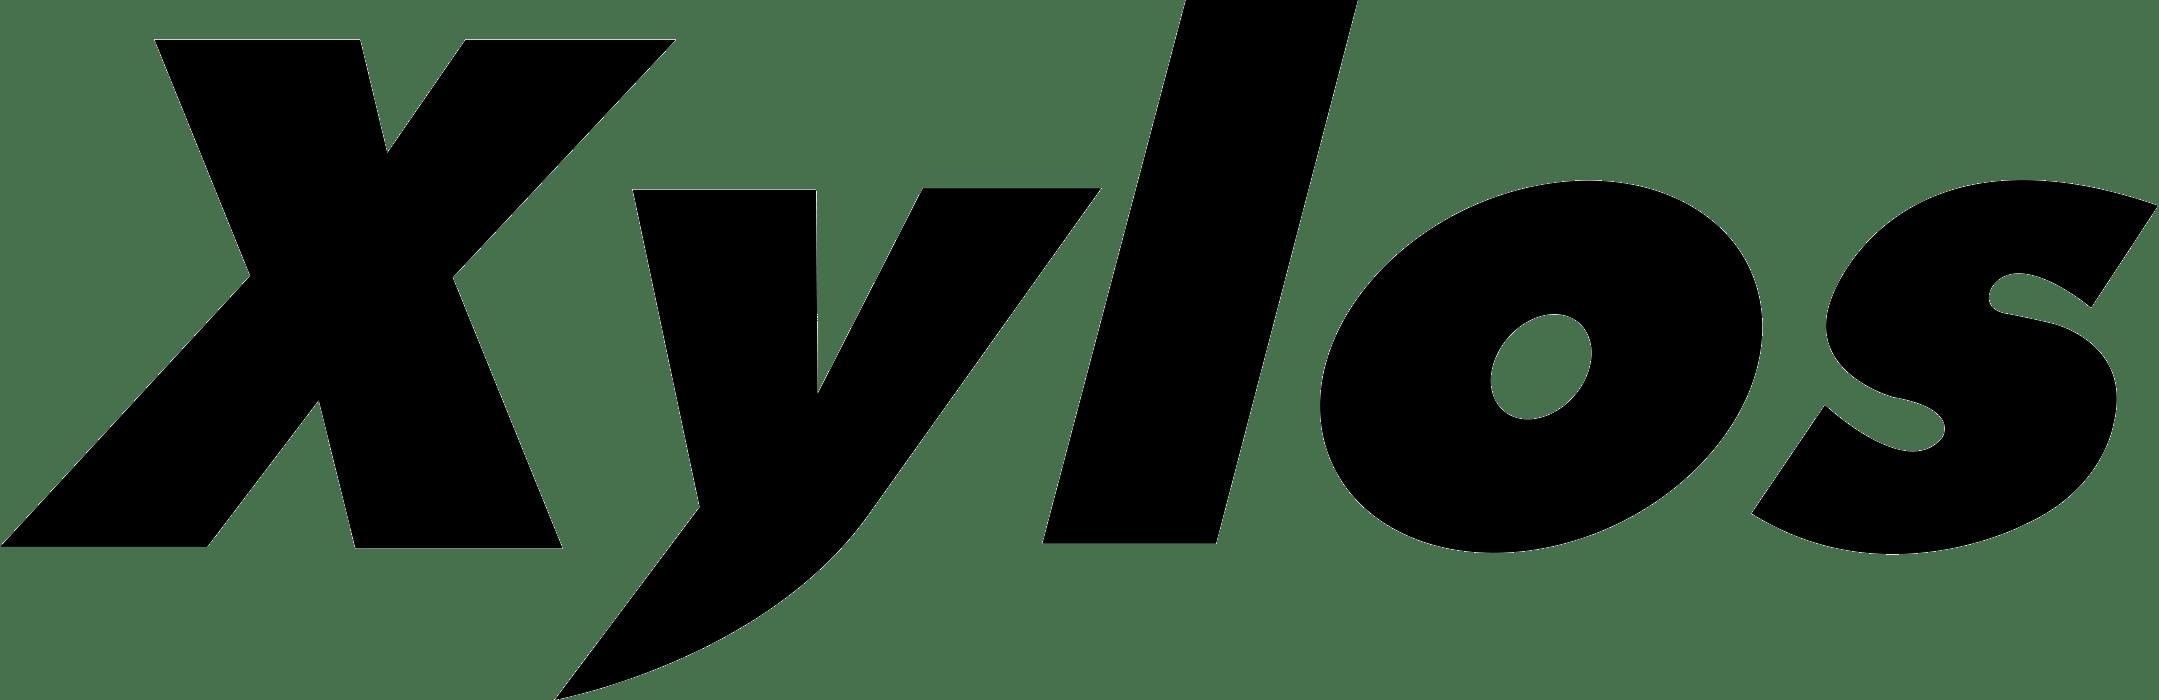 Valo Partner Xylos